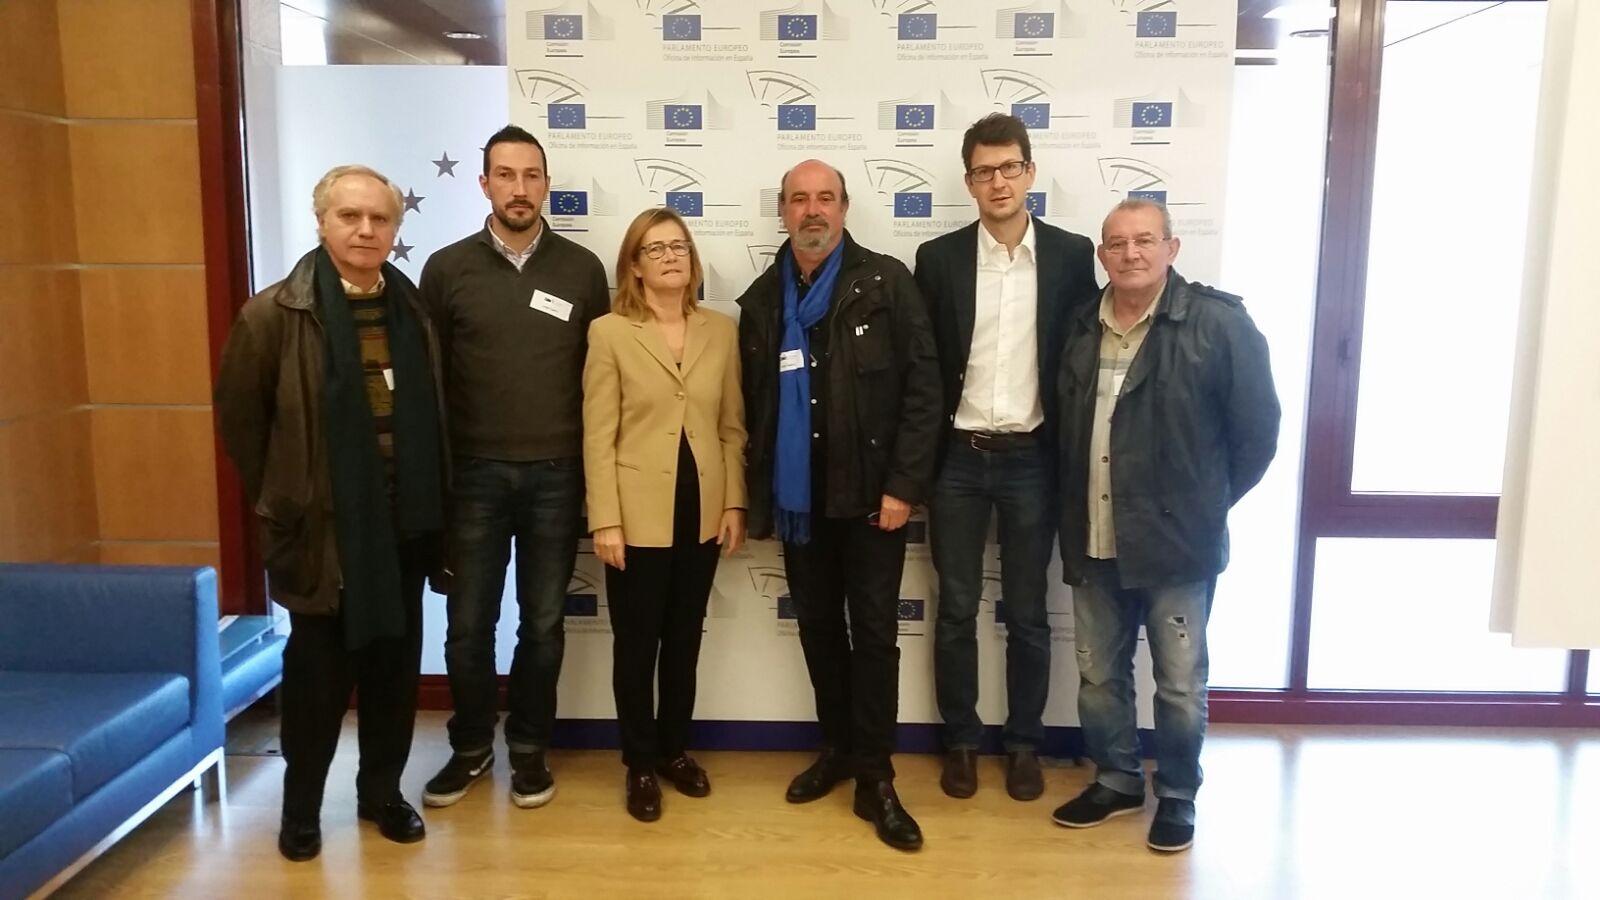 Representantes de los impulsores de nomascortesdeluz.org con la oficina de la Comisión Europea en España.